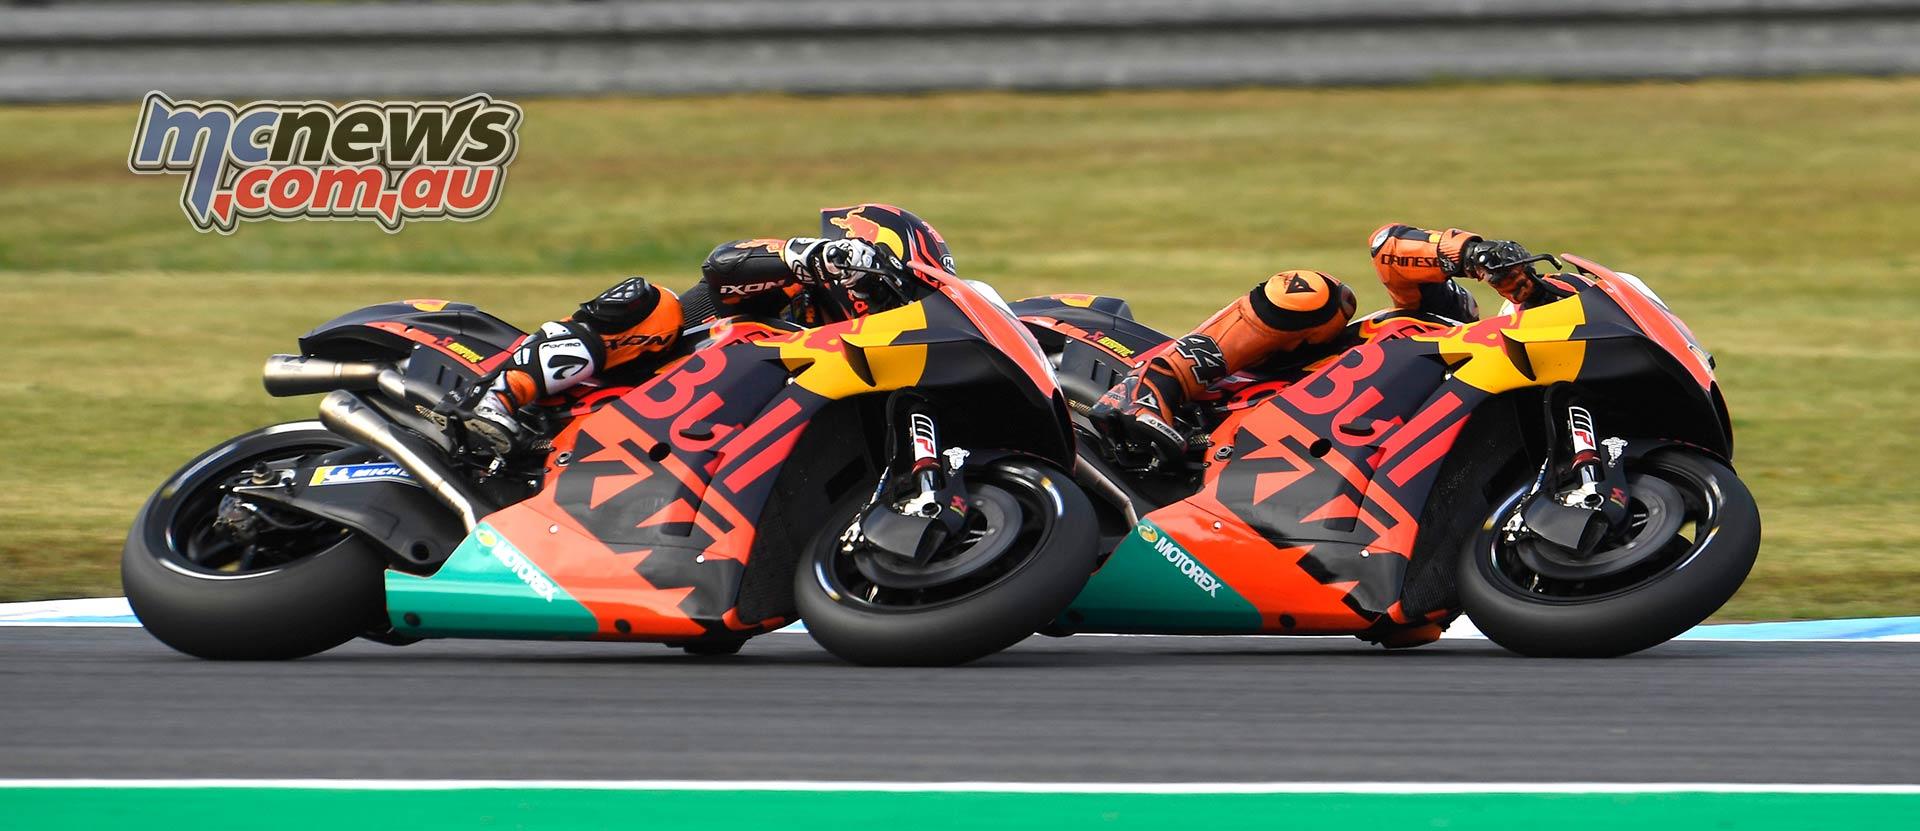 MotoGP Motegi Espargaro Kallio KTM